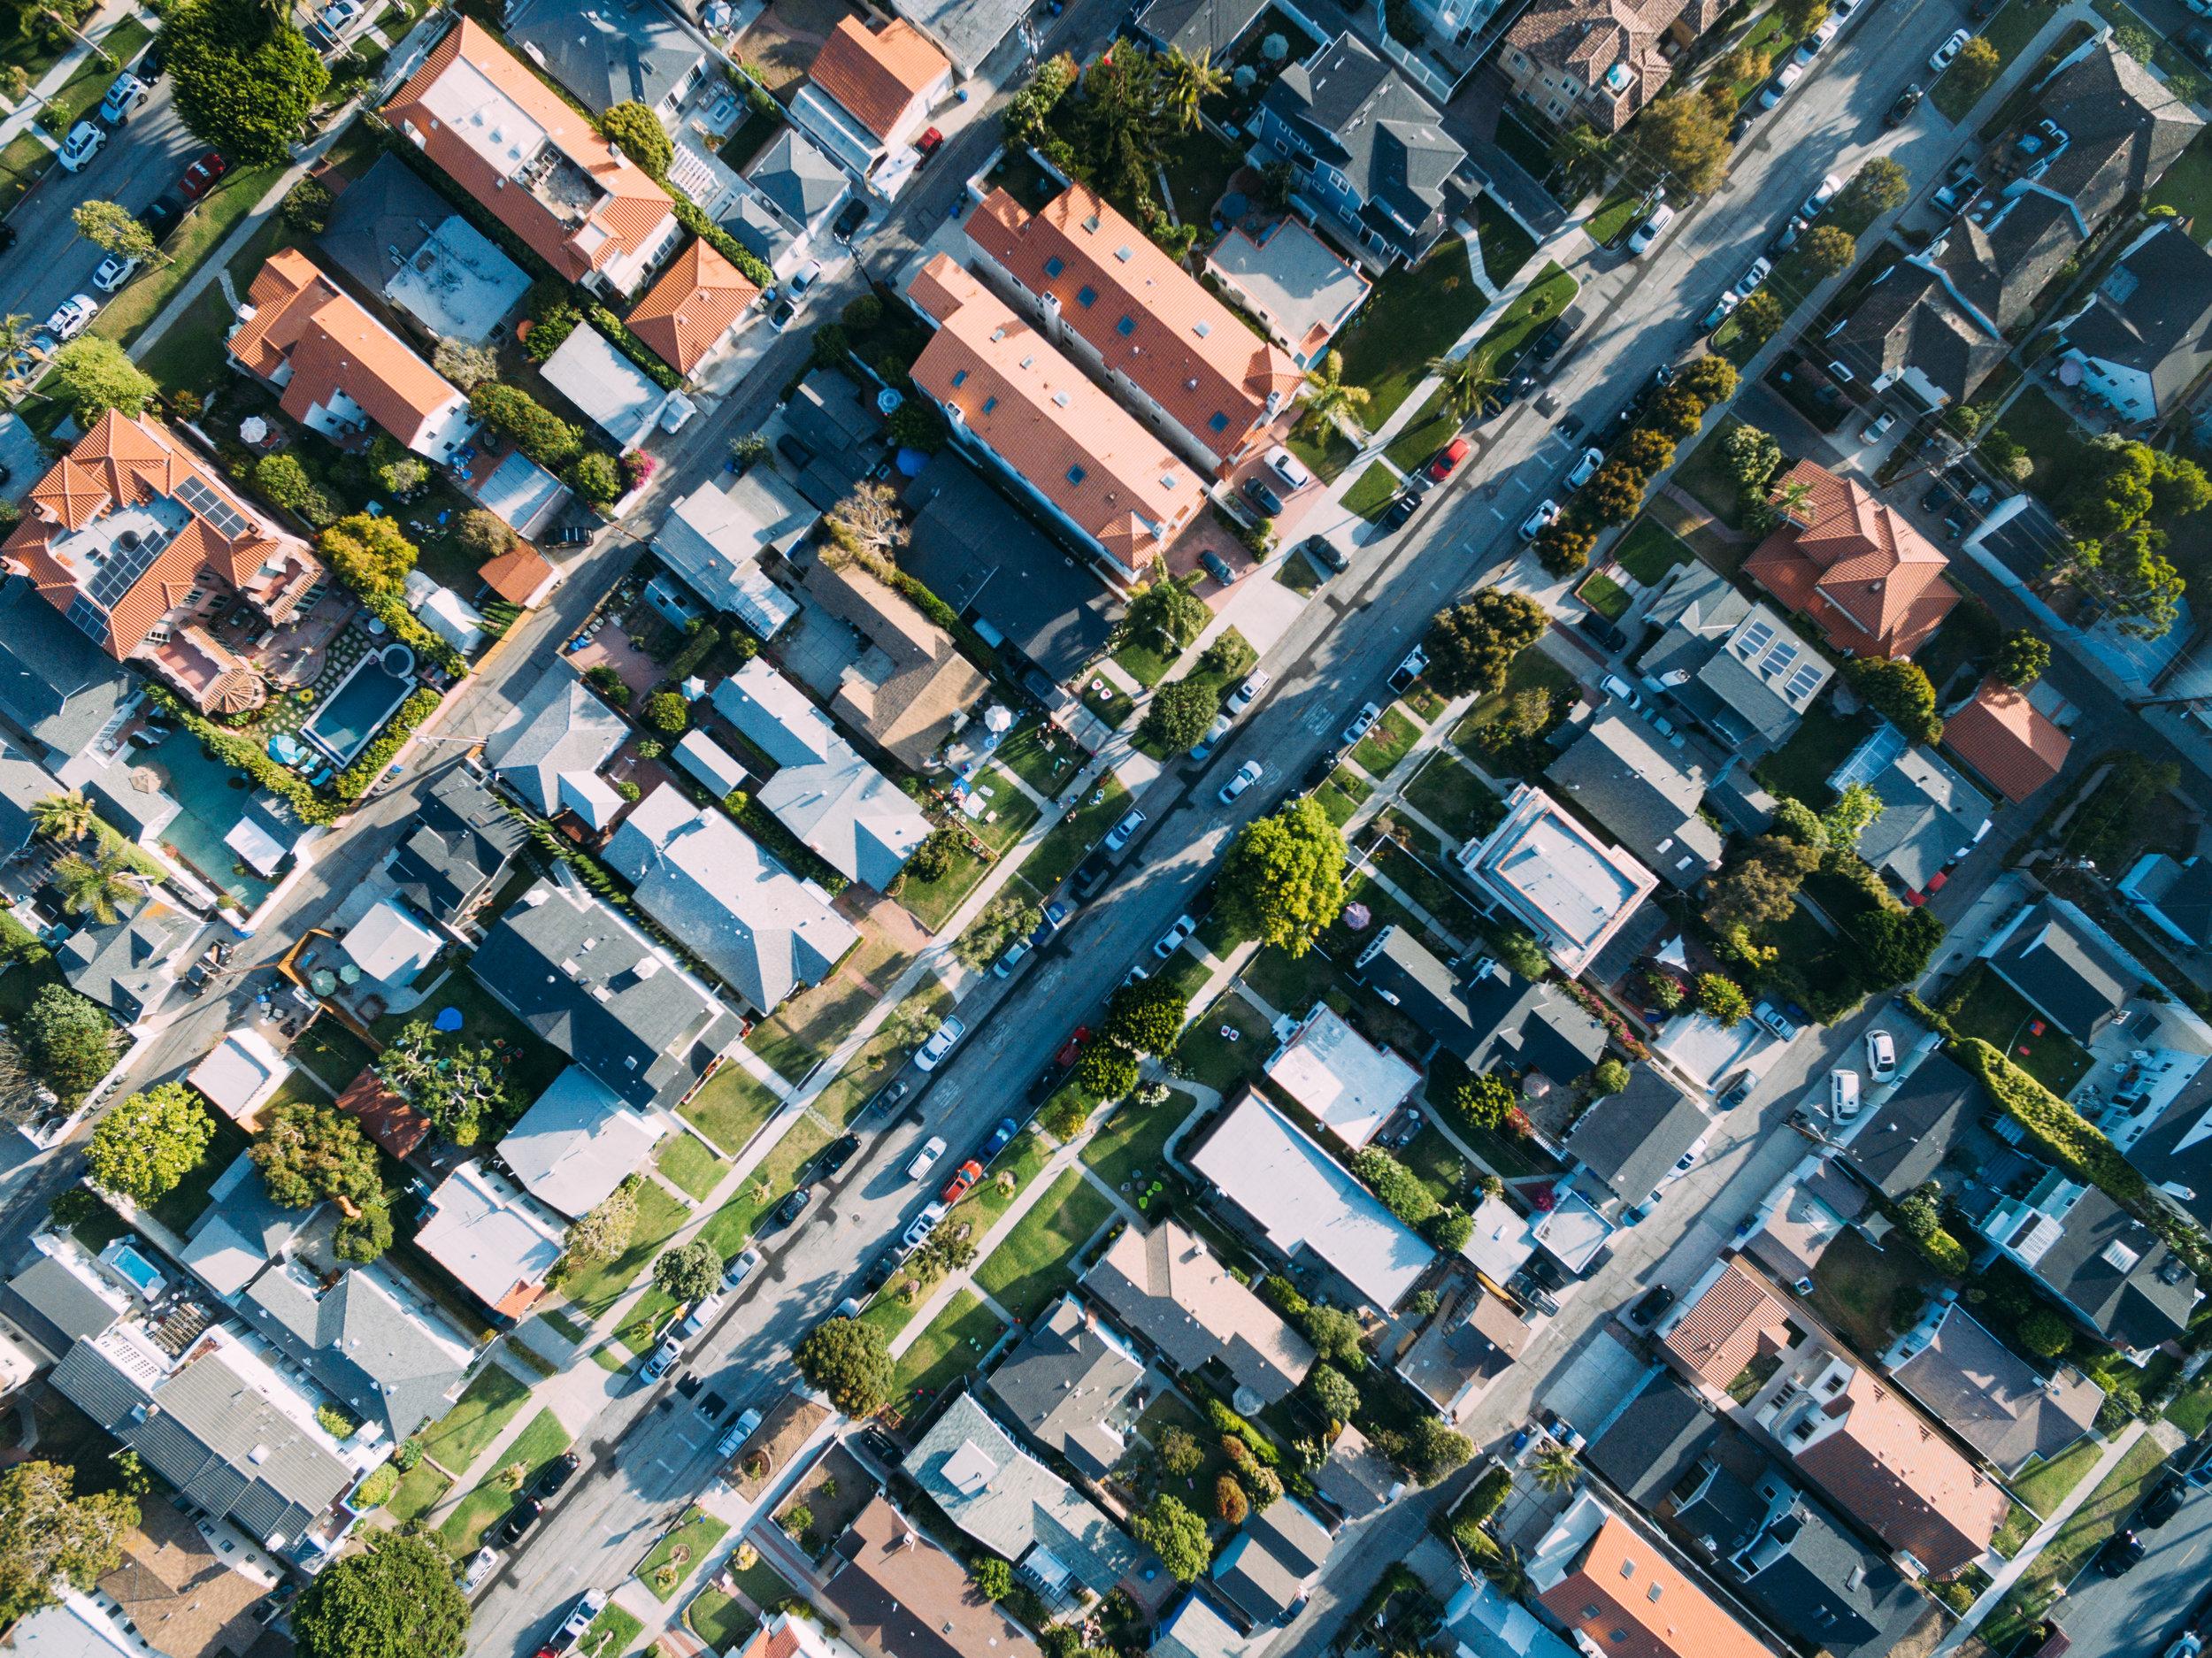 Thad-Ates-Drew-Homes.jpg